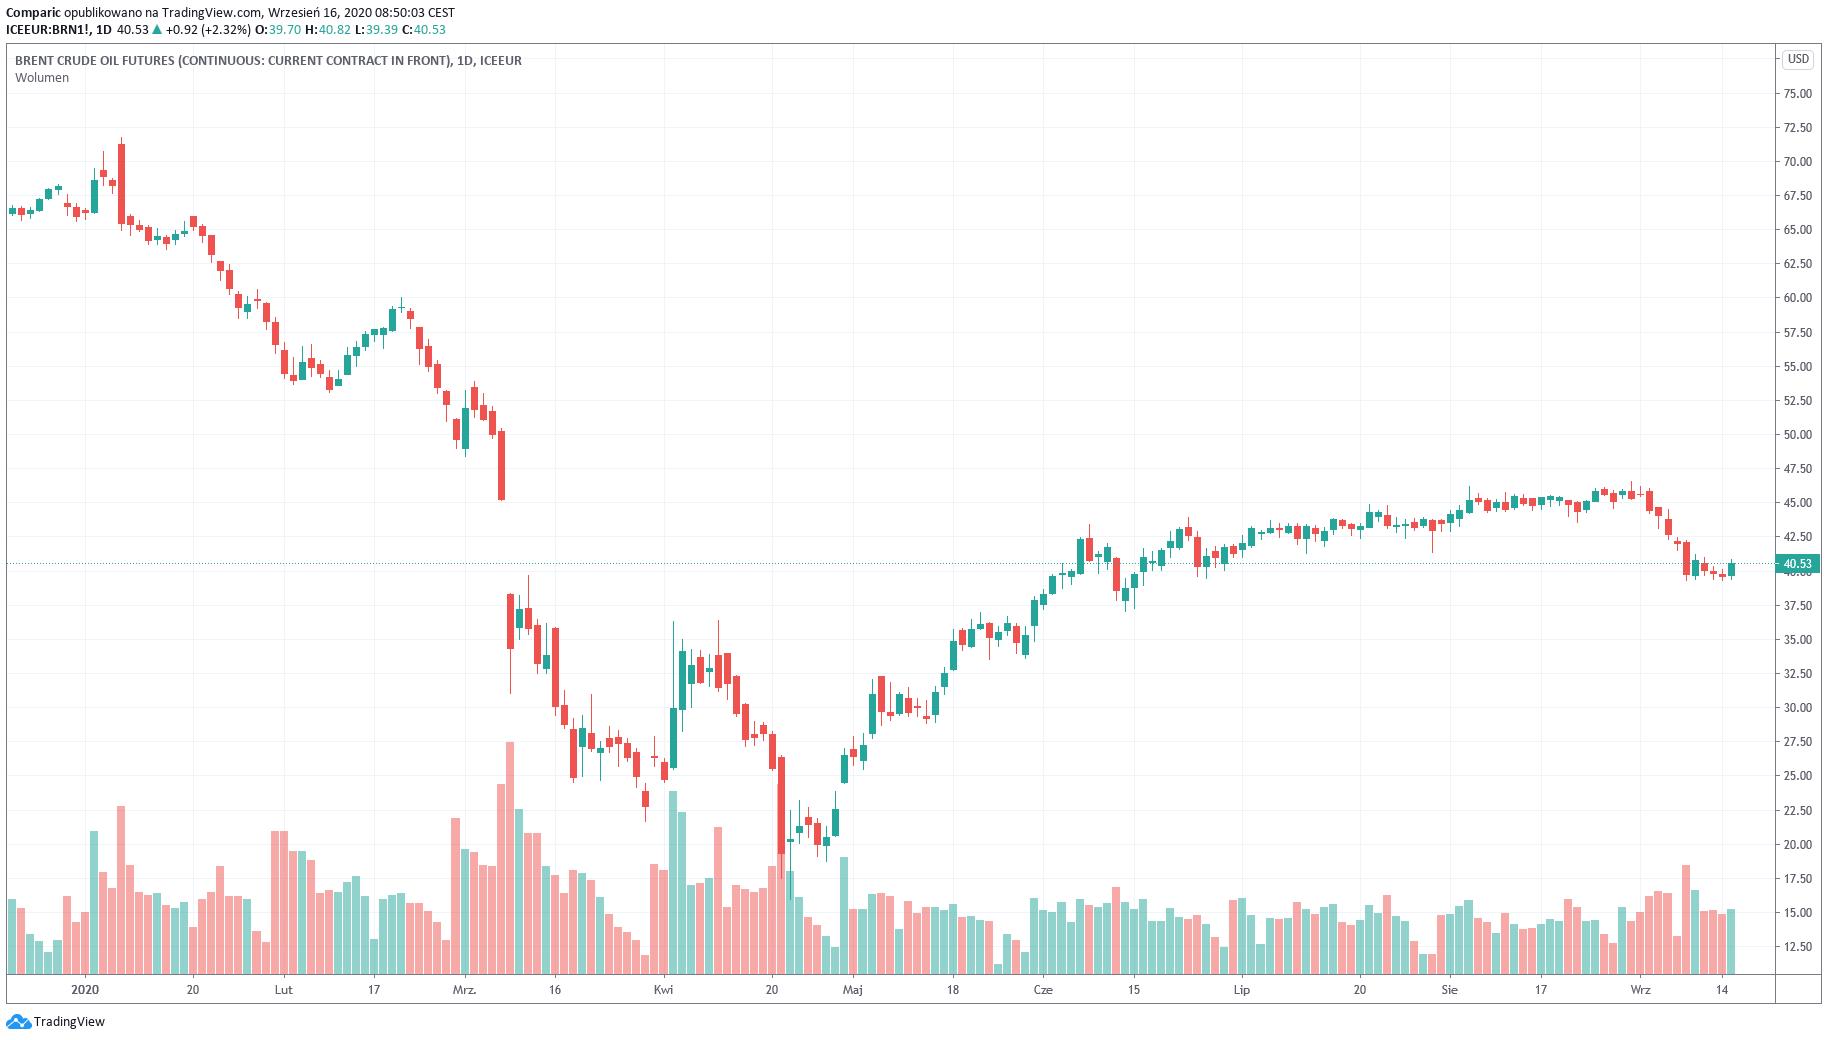 Cena ropy WTI wzrosła o ponad 5,2% w ostatnich dwóch sesjach